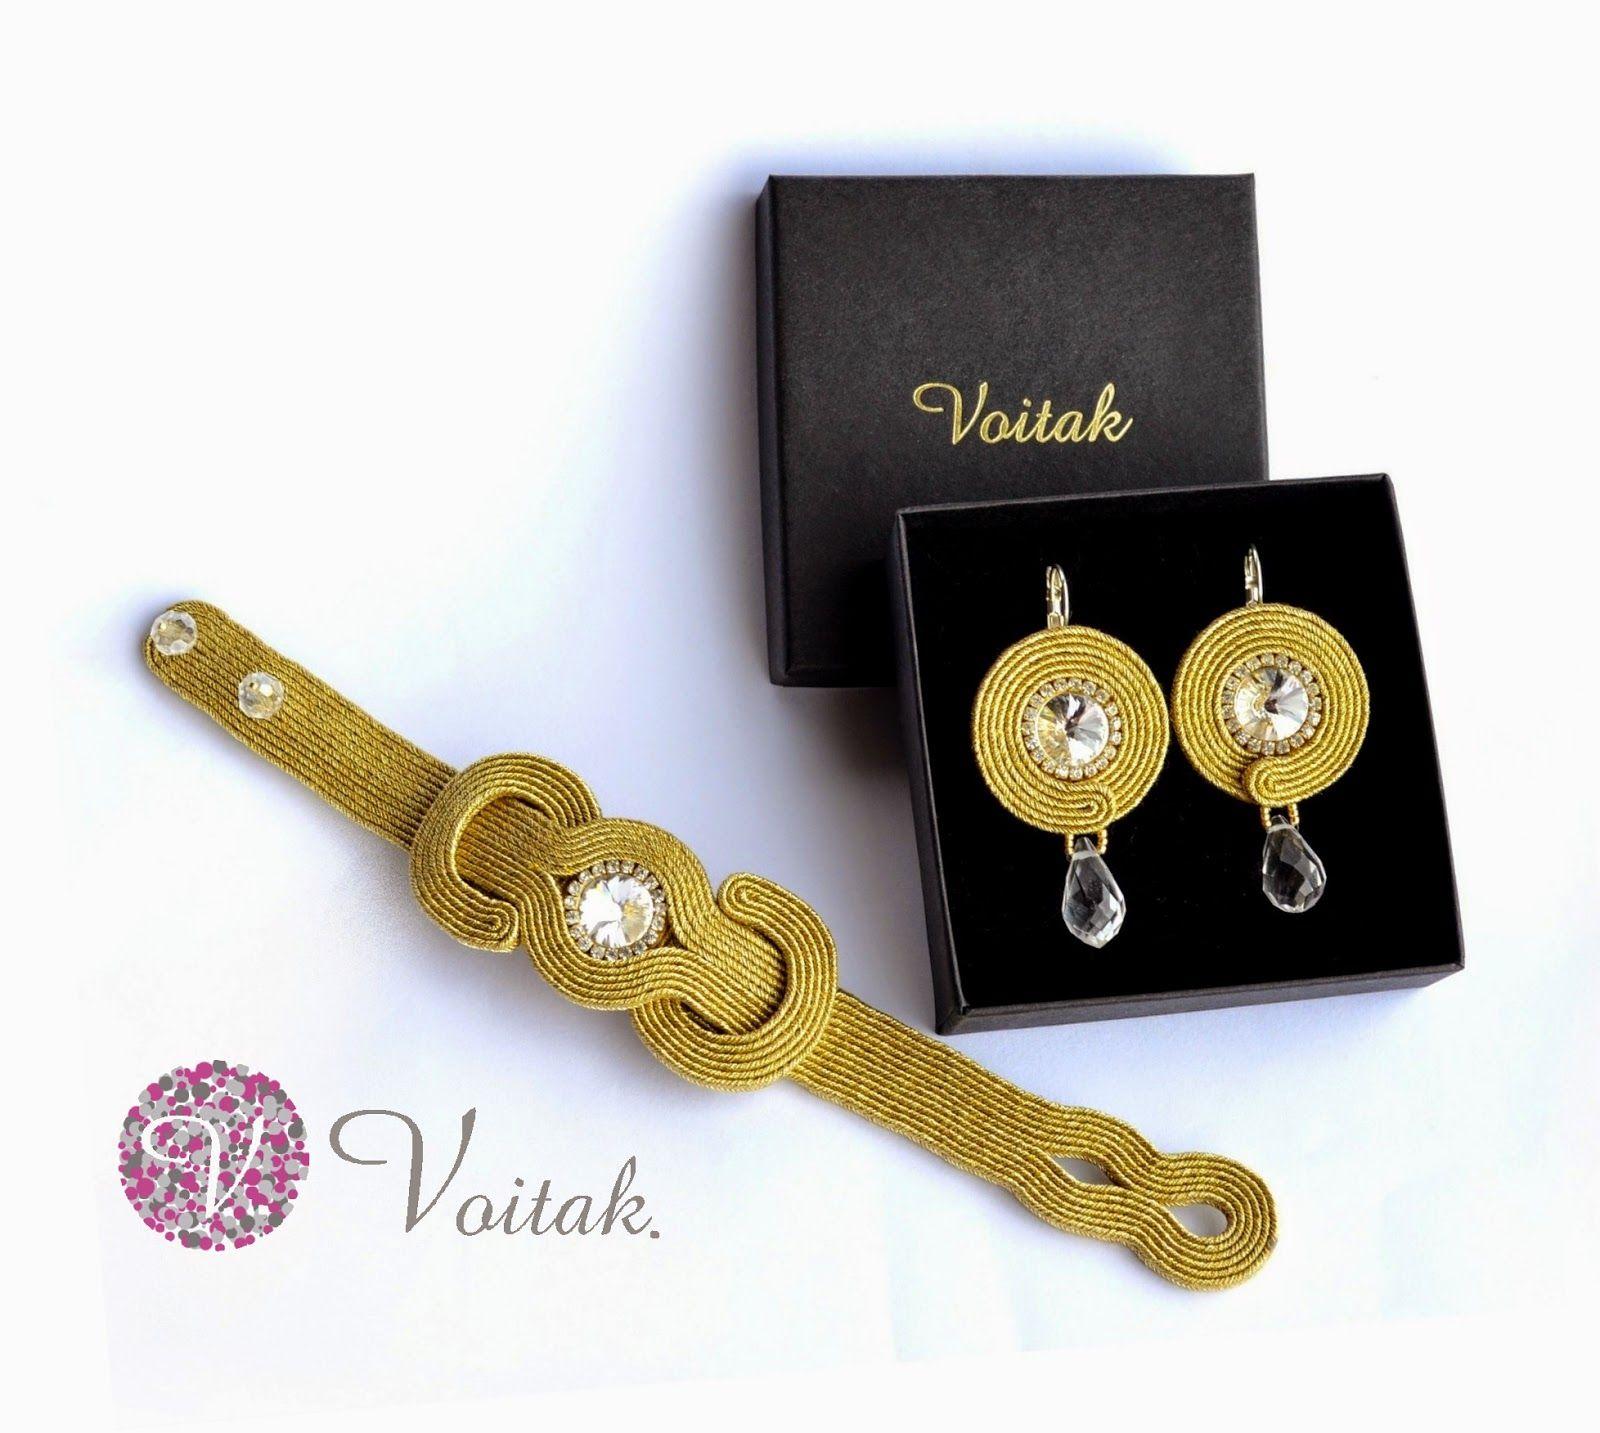 Soutache jewelry artystyczna biżuteria autorska katarzyna wojtak